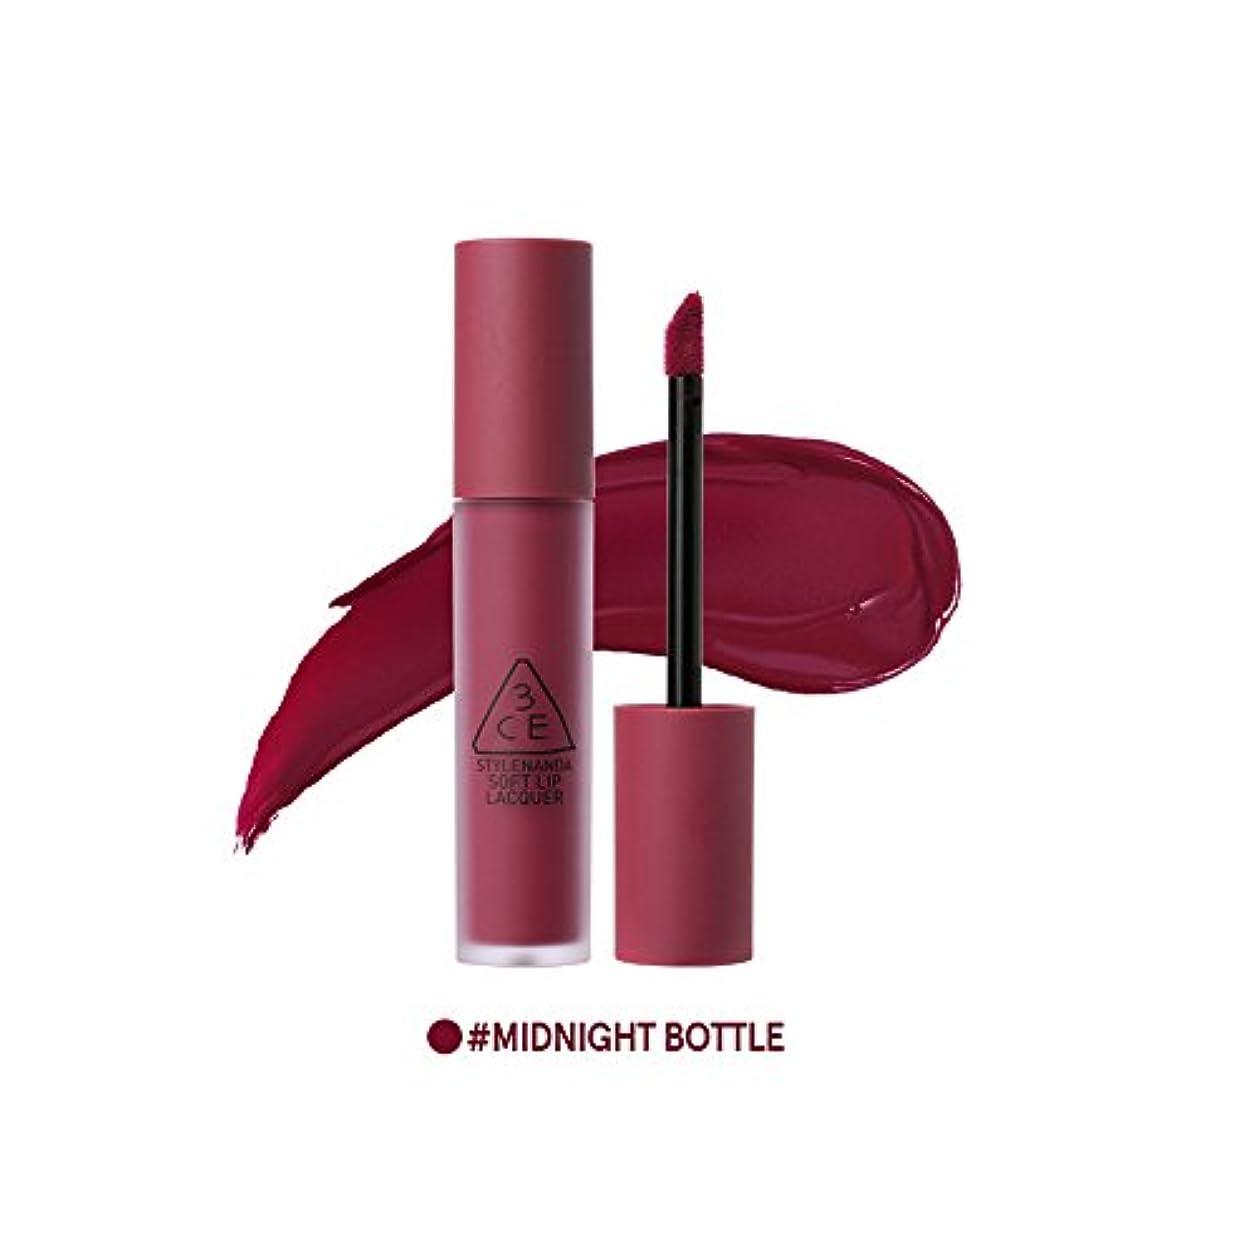 火盆トピック[3CE] ソフトリップロッカー海外直送品 Soft Lip Lacquer (Midnight Bottle) [並行輸入品]